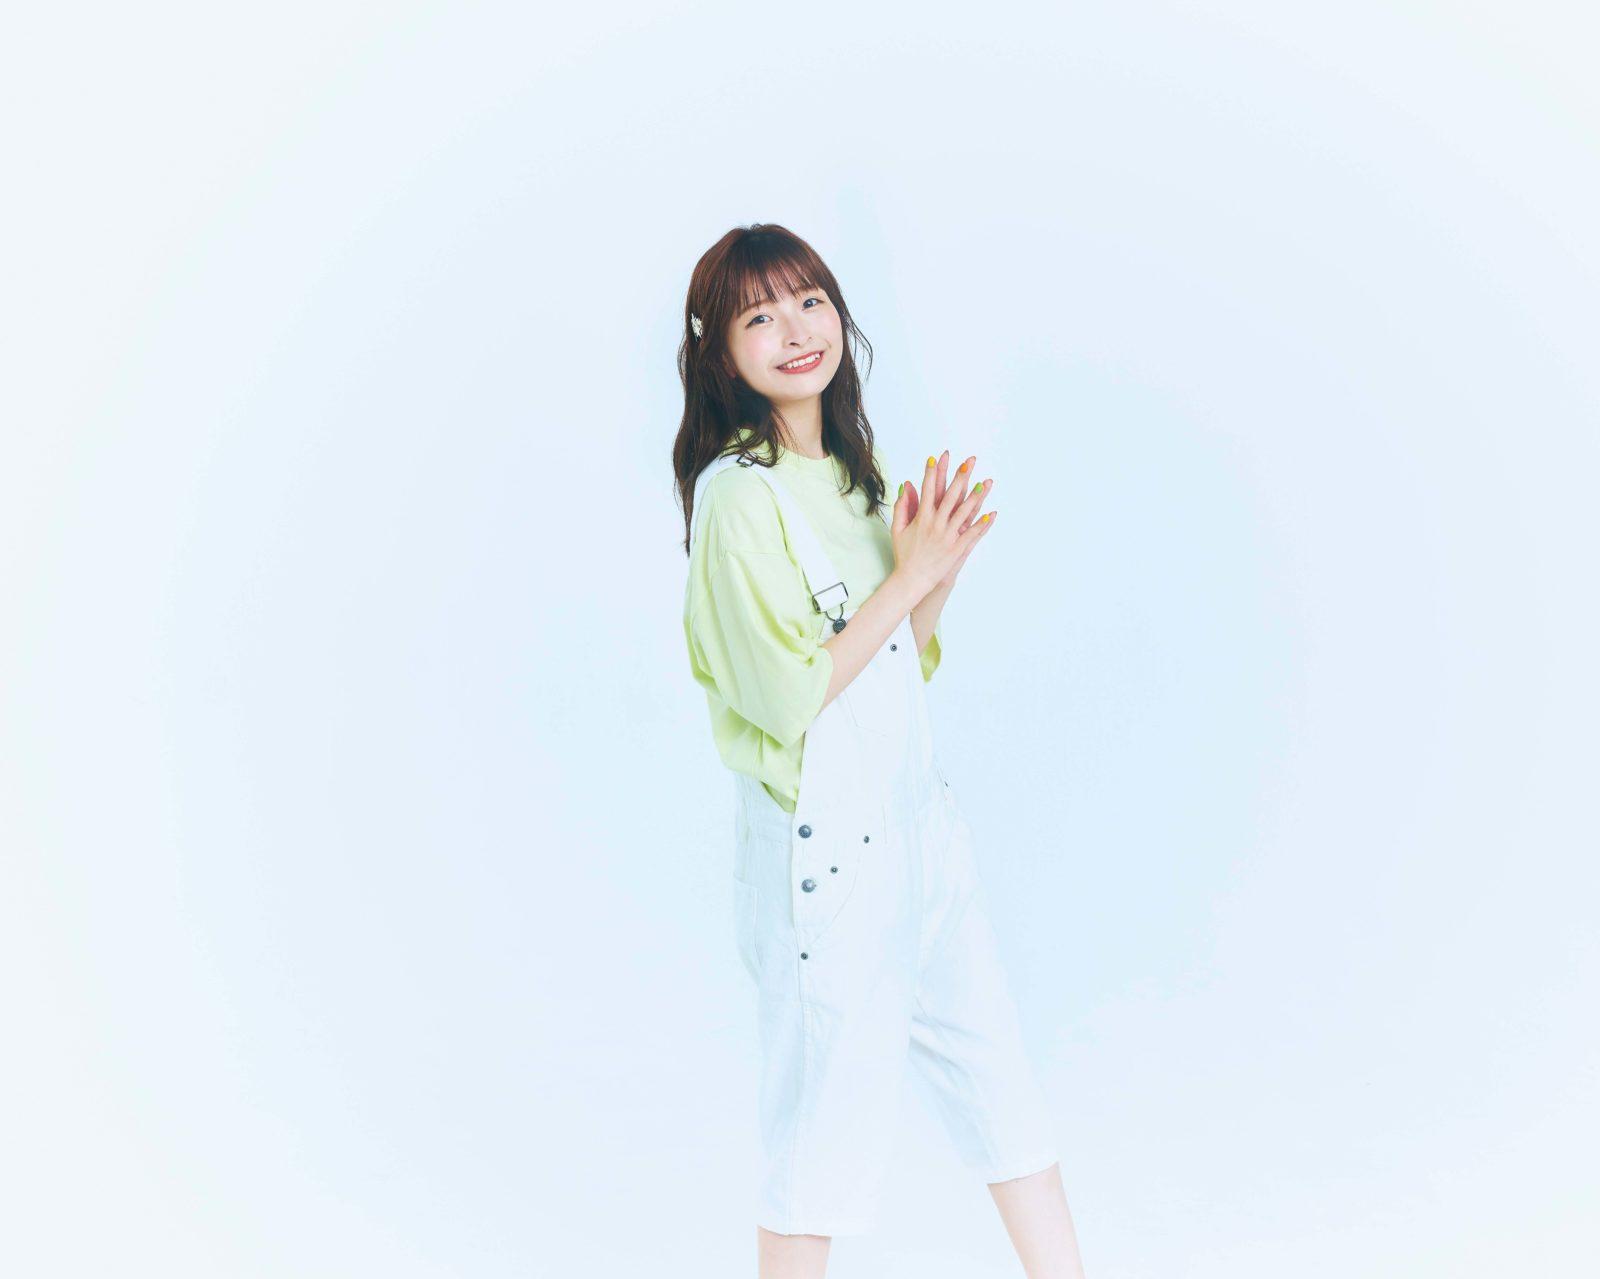 halca、新曲「告白バンジージャンプ」MV公開サムネイル画像!